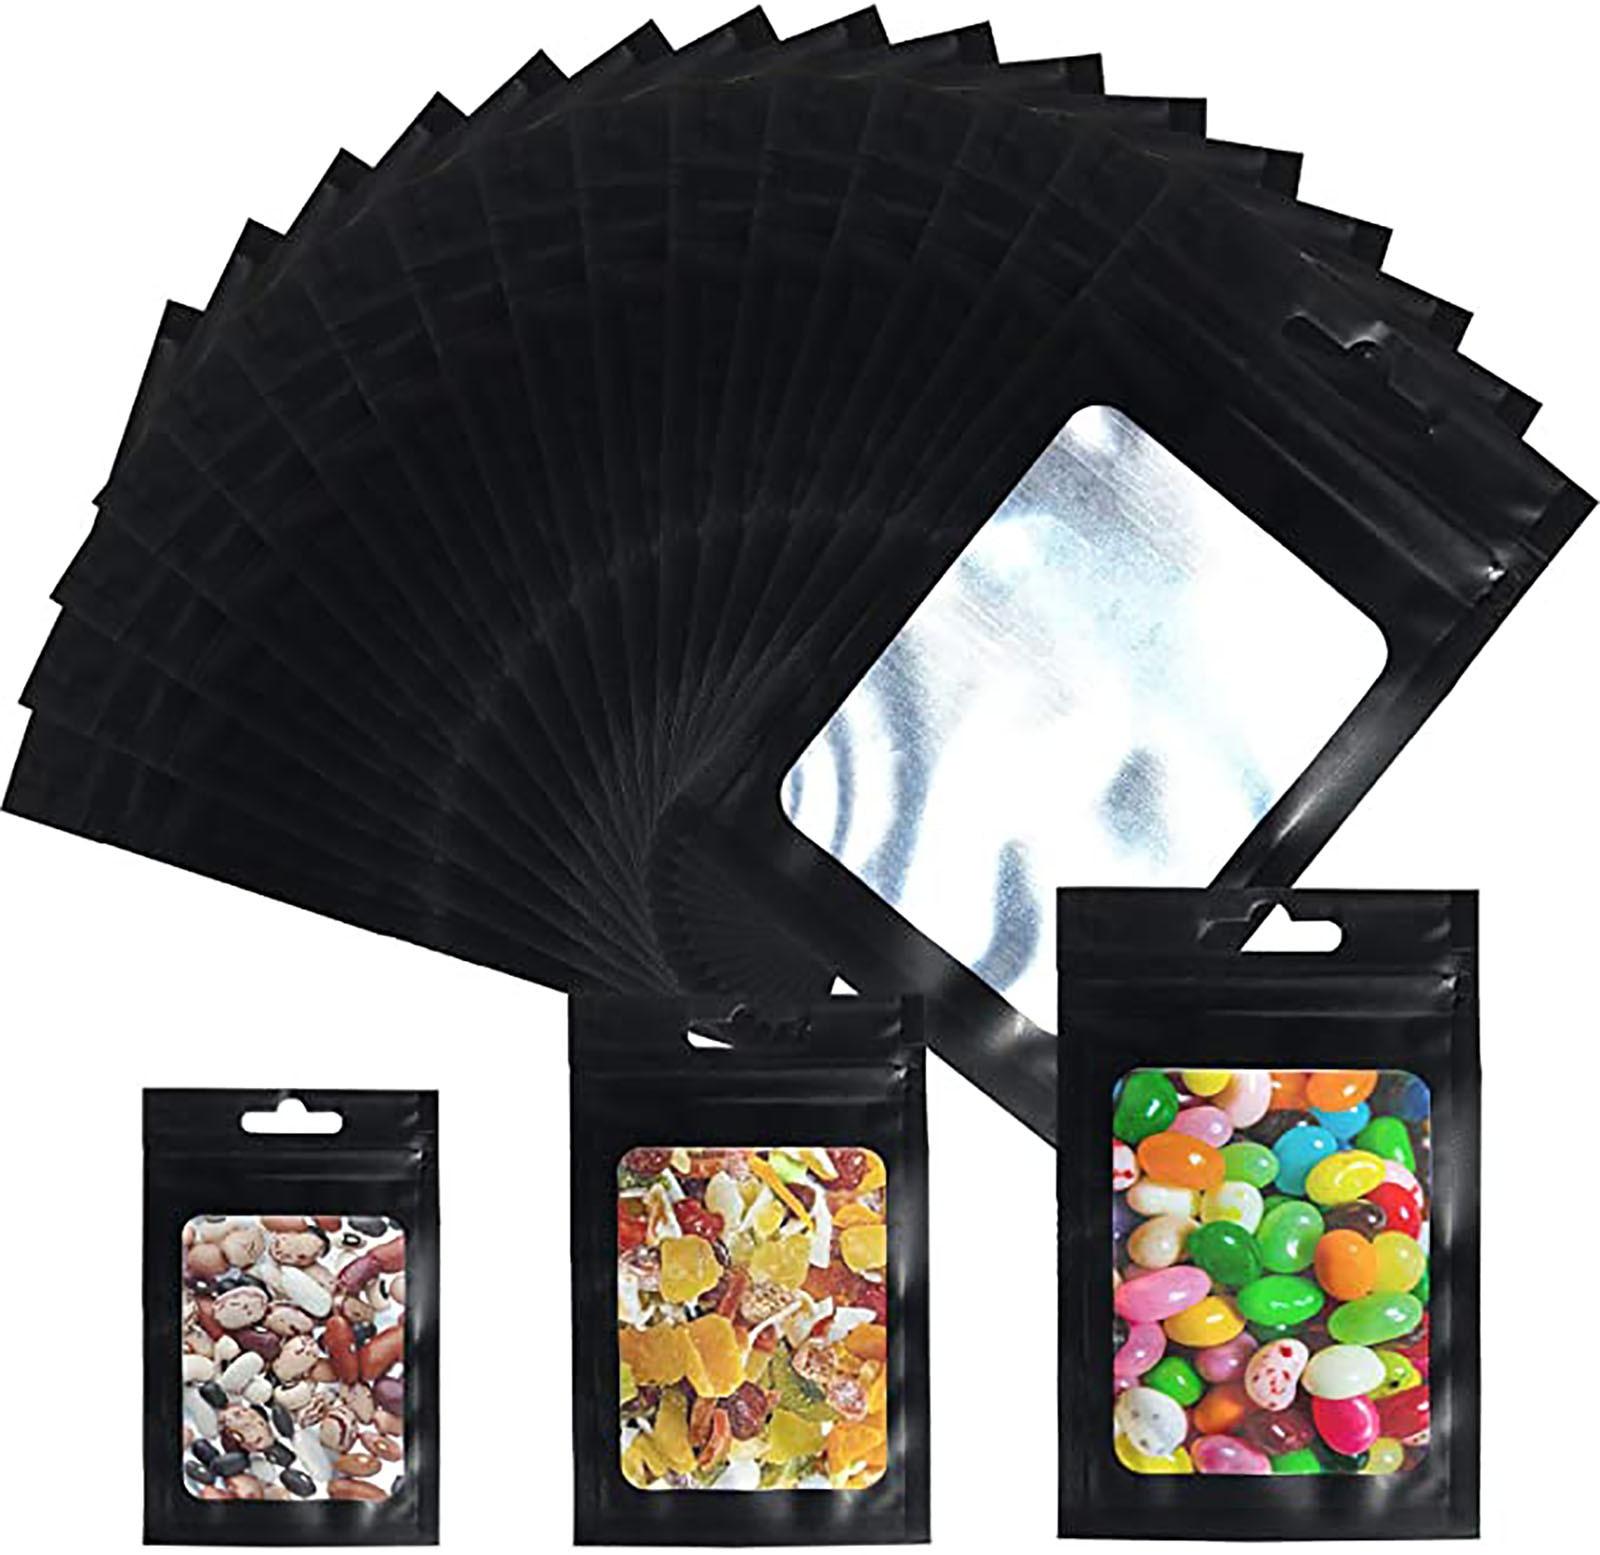 Необработанная застежка-молния из майларовой фольги, 100 шт., черная прозрачная упаковка для еды, пакет для чая, образец, алюминиевый пакет с з...